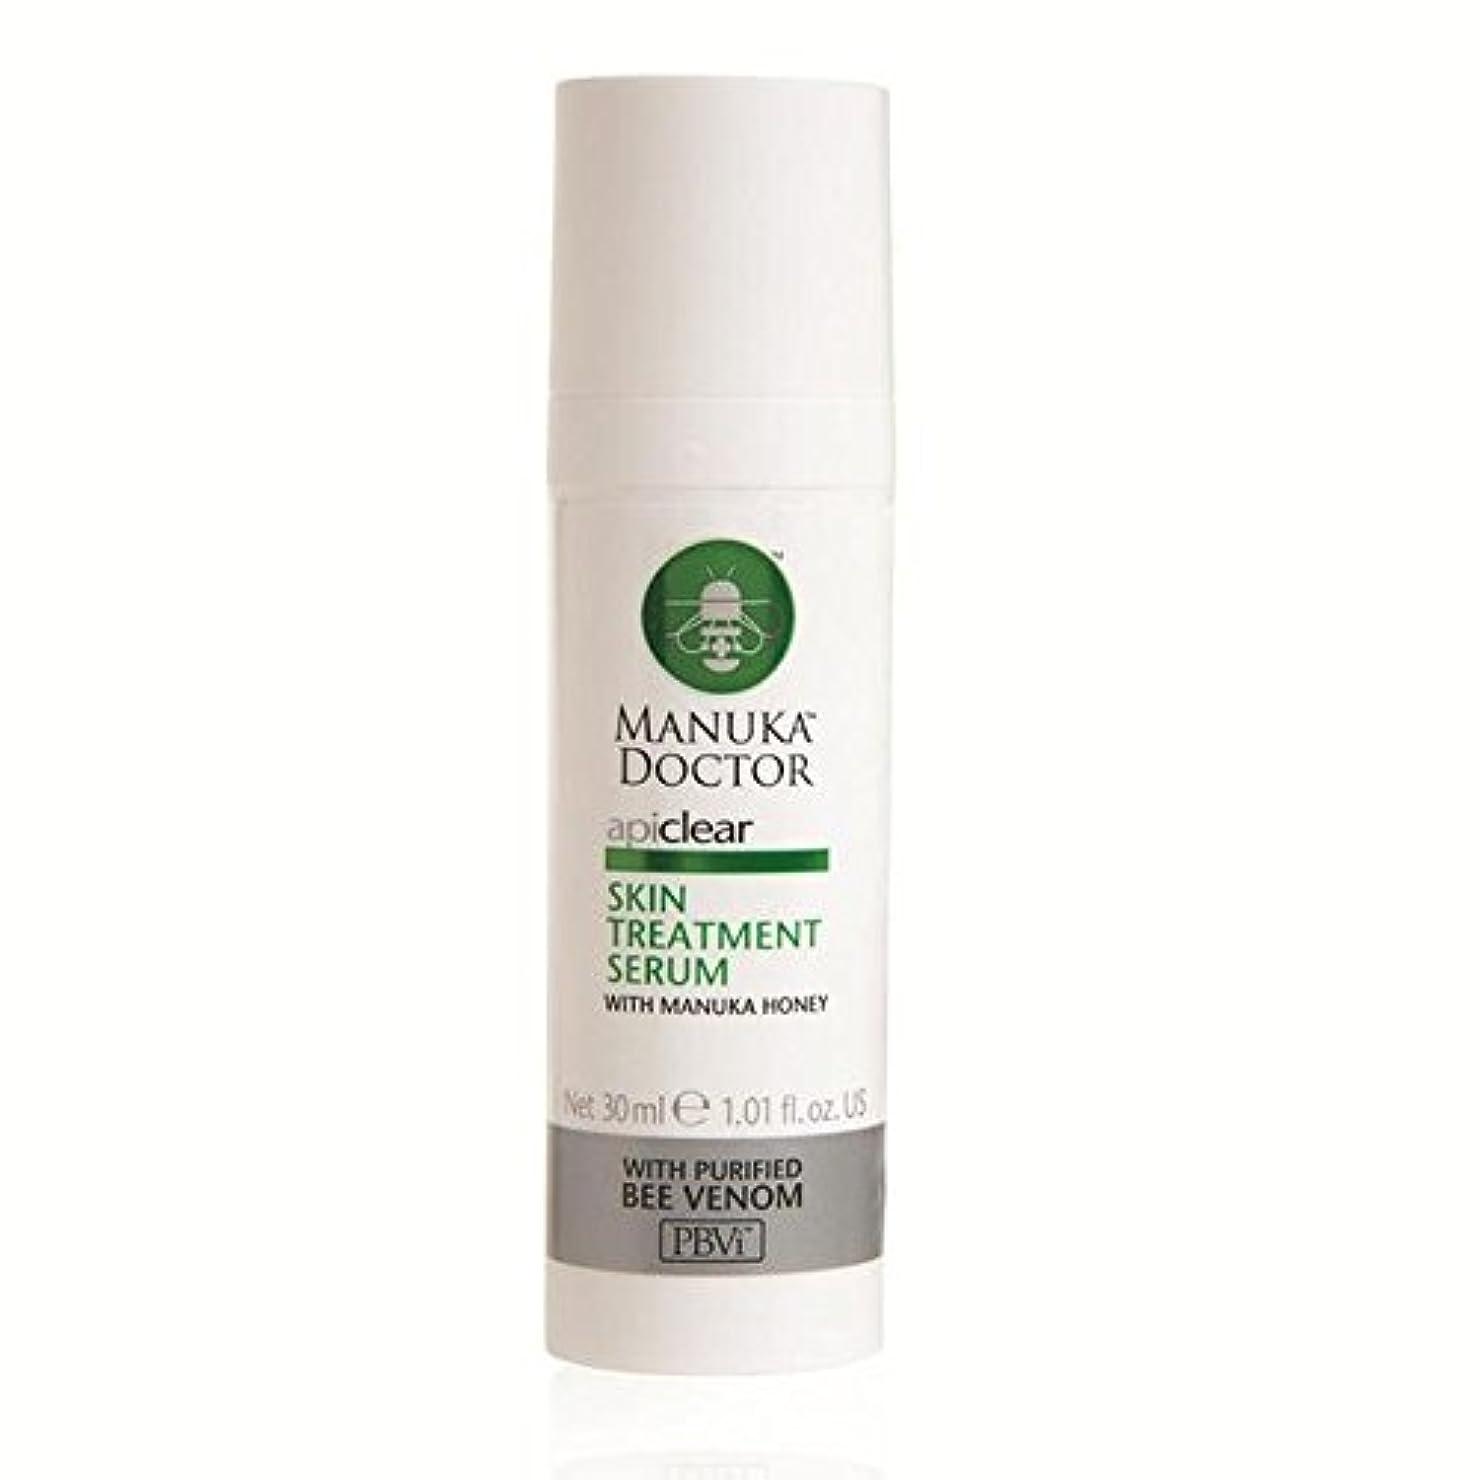 子供時代意図的歌手マヌカドクターをクリアスキントリートメントセラム30 x2 - Manuka Doctor Api Clear Skin Treatment Serum 30ml (Pack of 2) [並行輸入品]